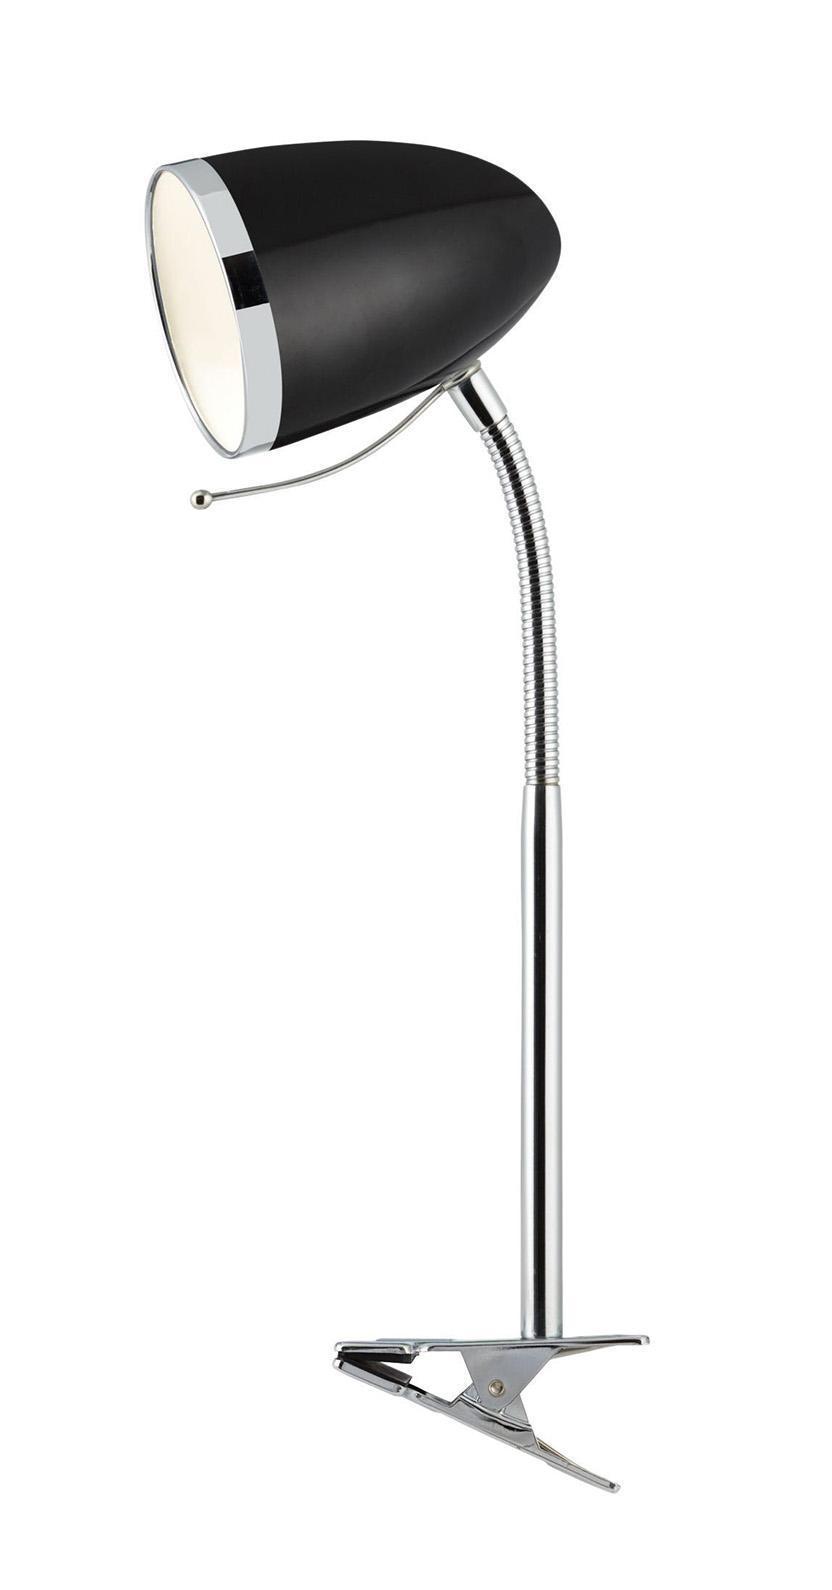 Лампа настольная Arte lamp A6155lt-1bk